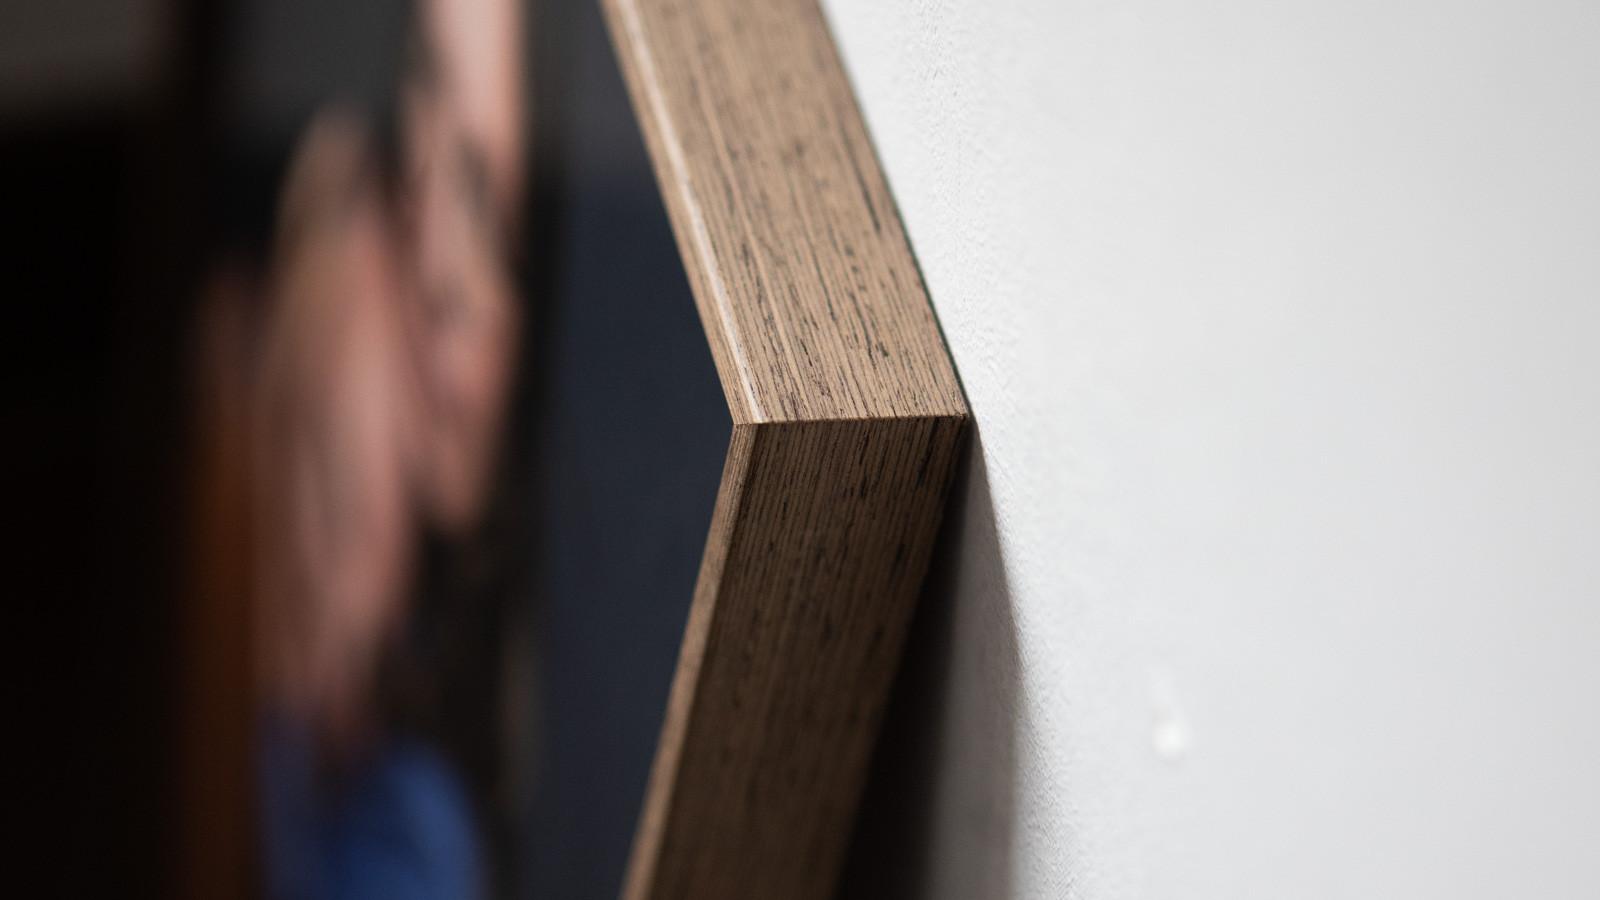 Kader donker hout fineer.jpg